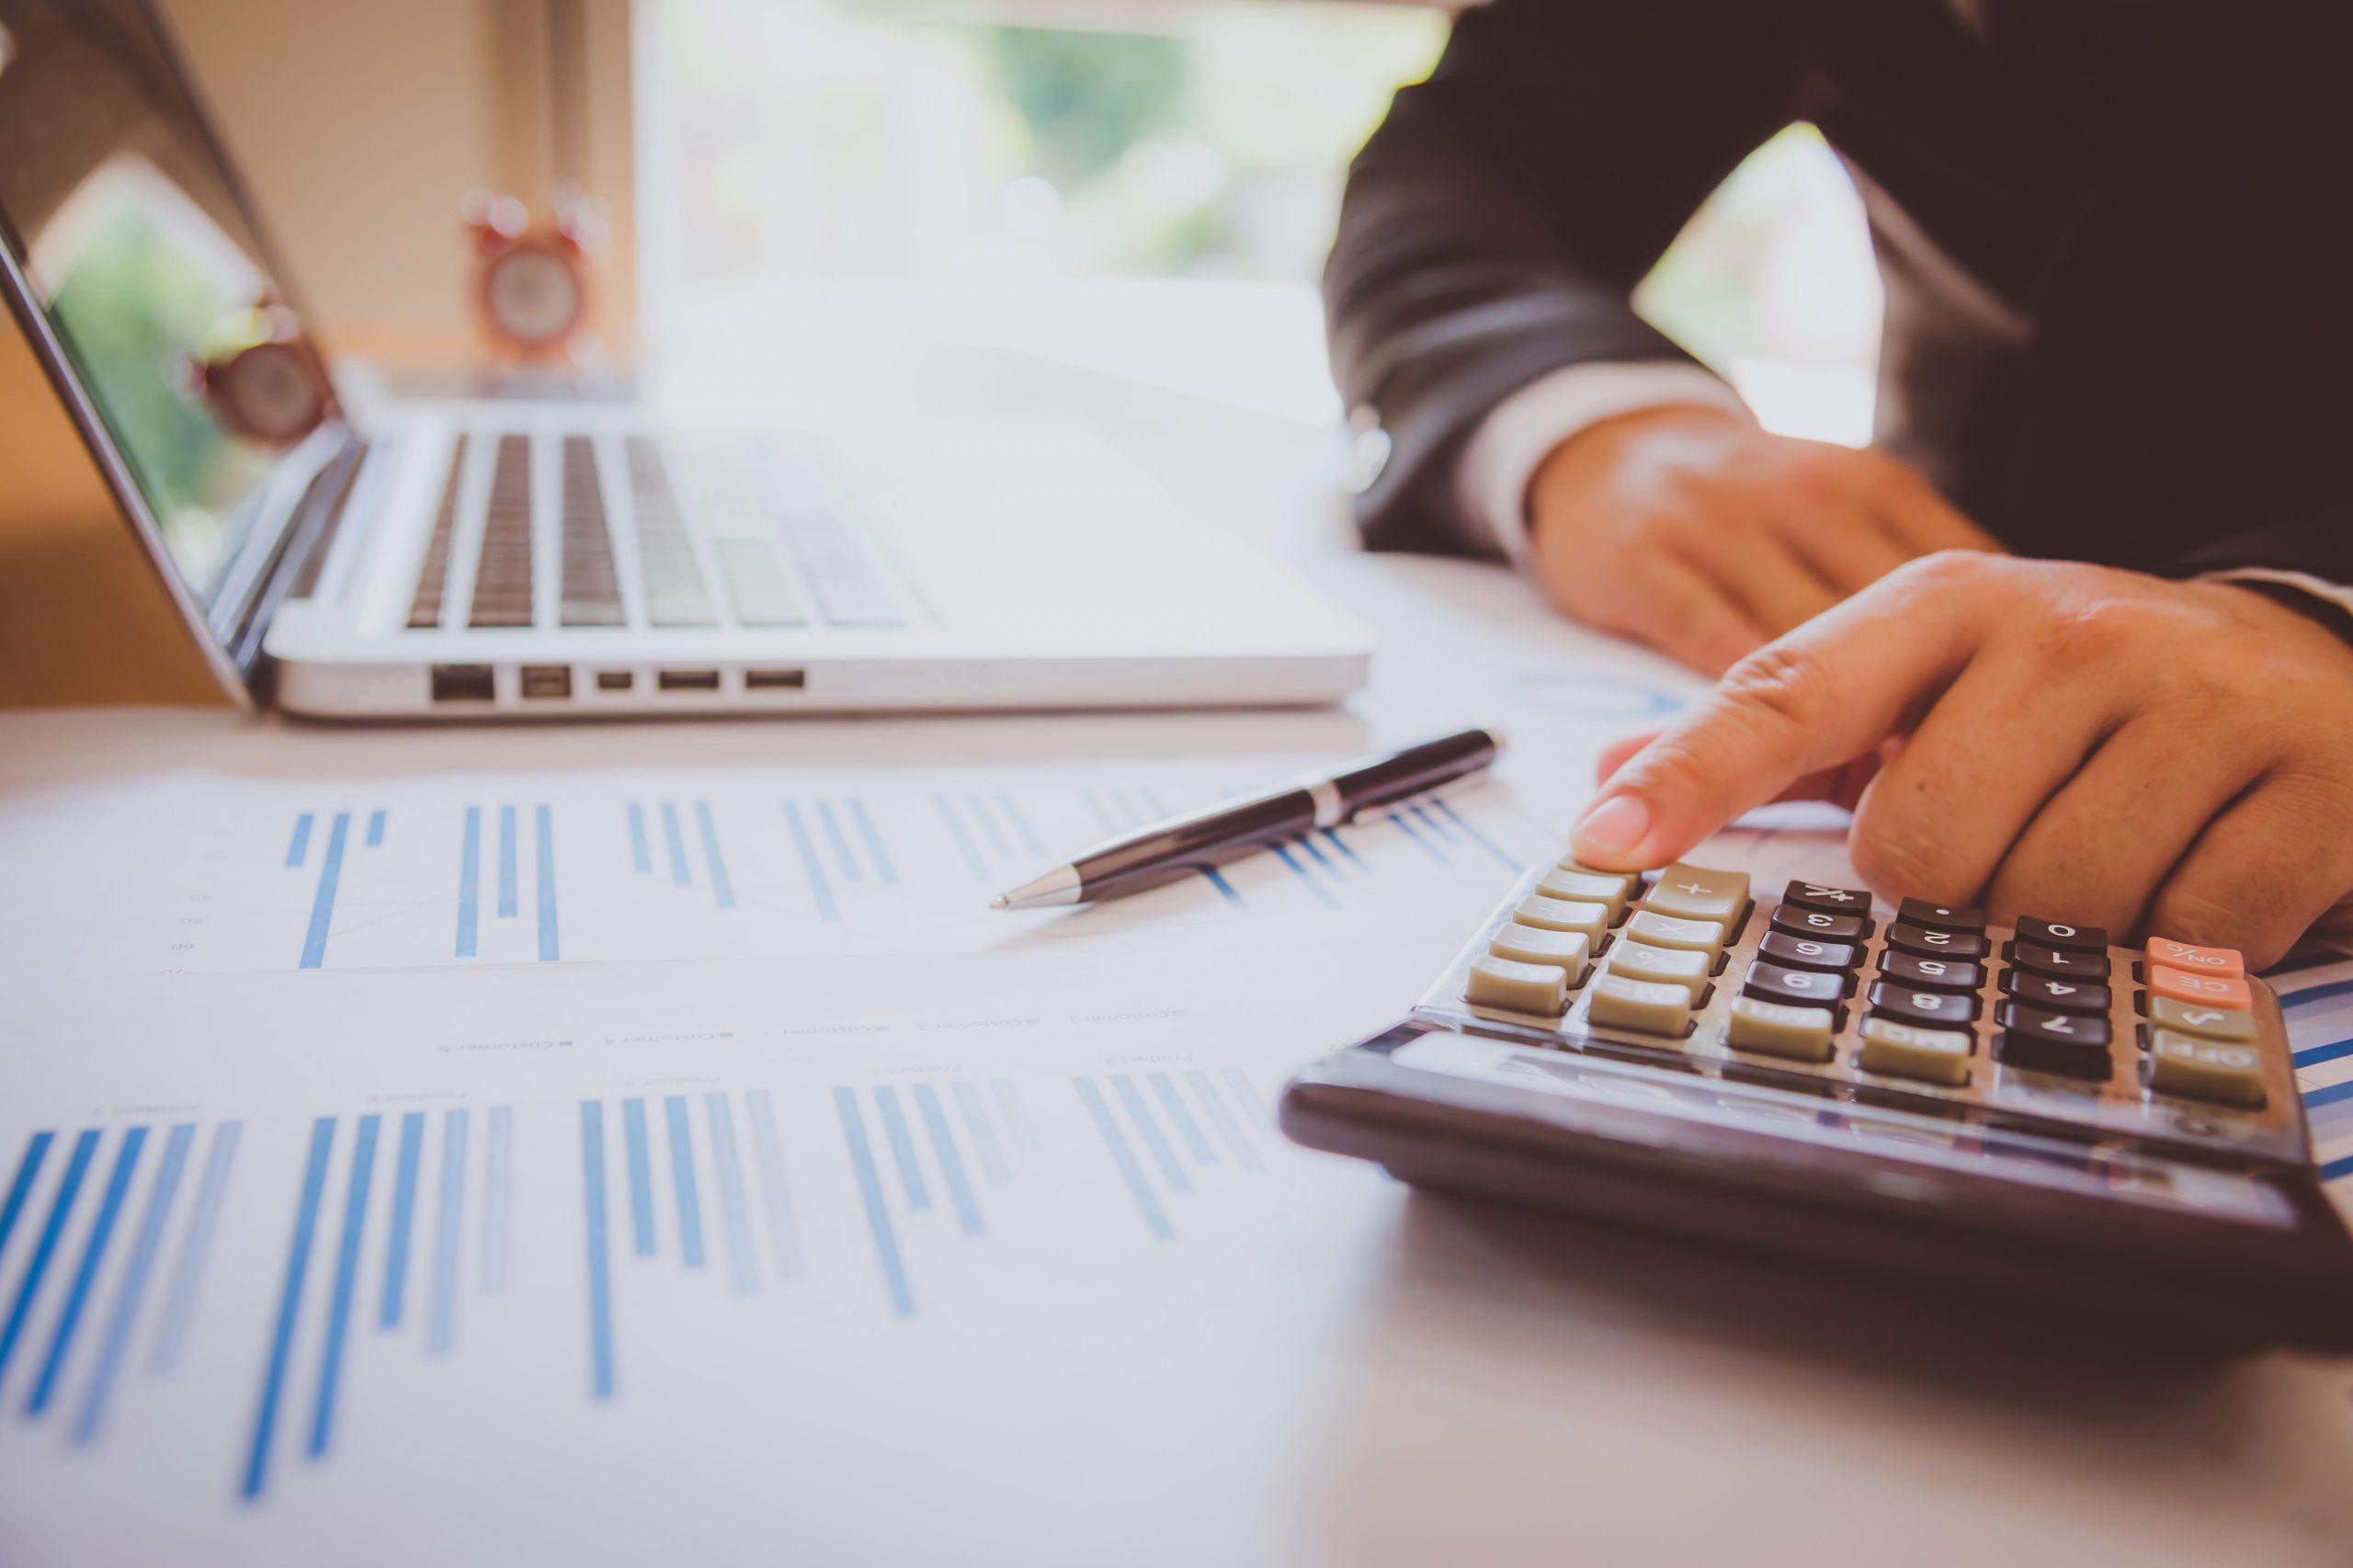 Imposto de Renda: Cálculo mostra que defasagem da tabela chega a 113%